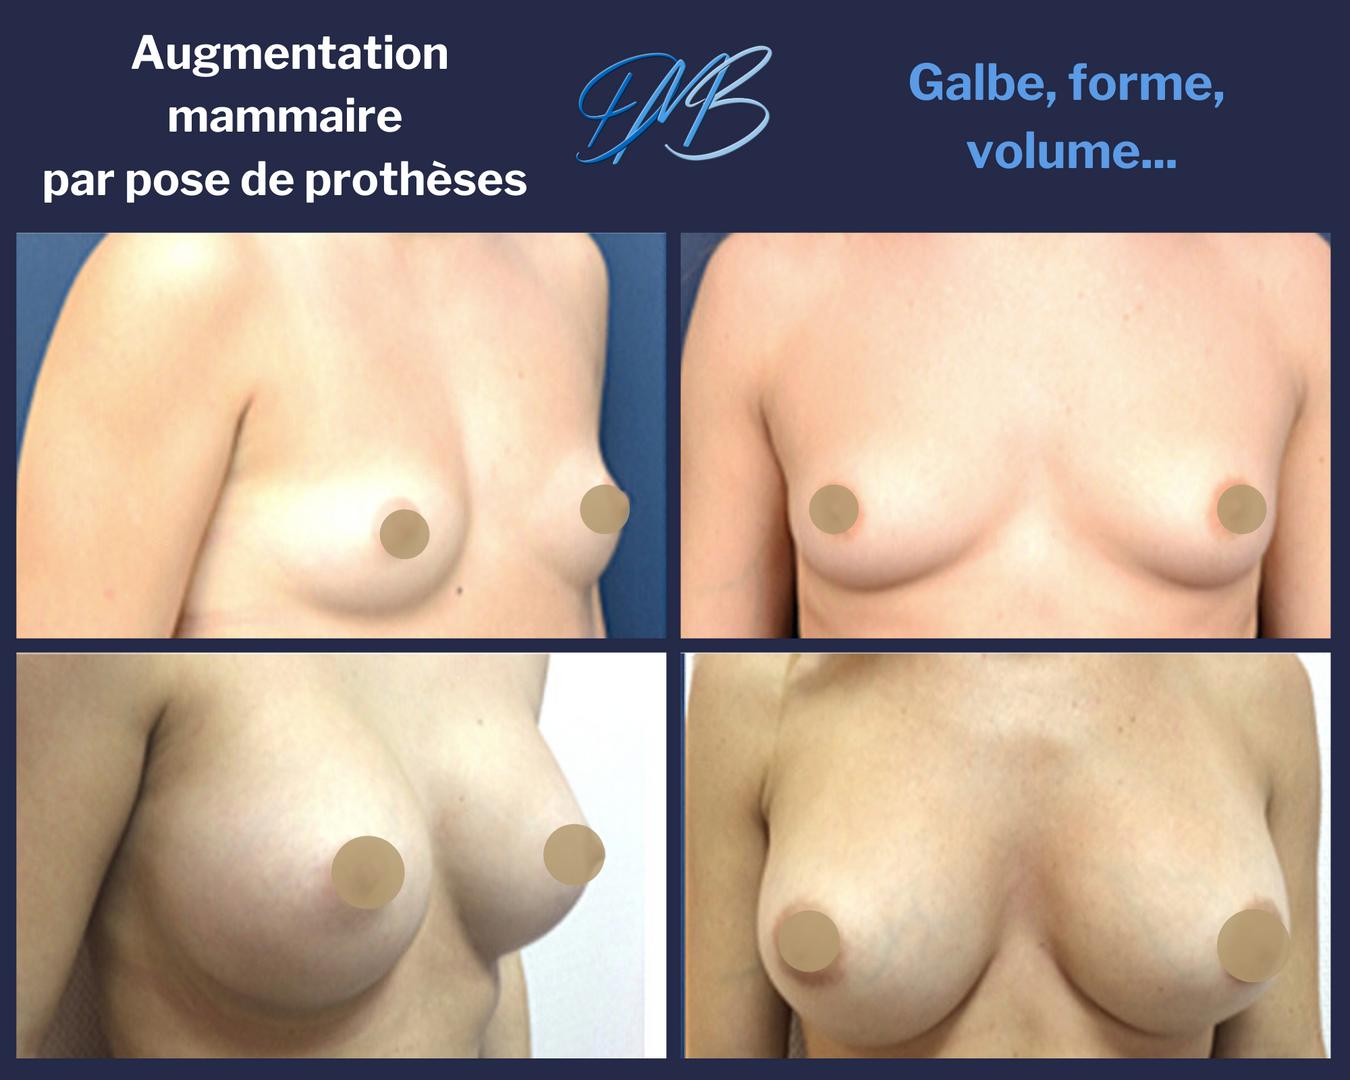 Augmentation_mammaire_par_prothèse_11.pn